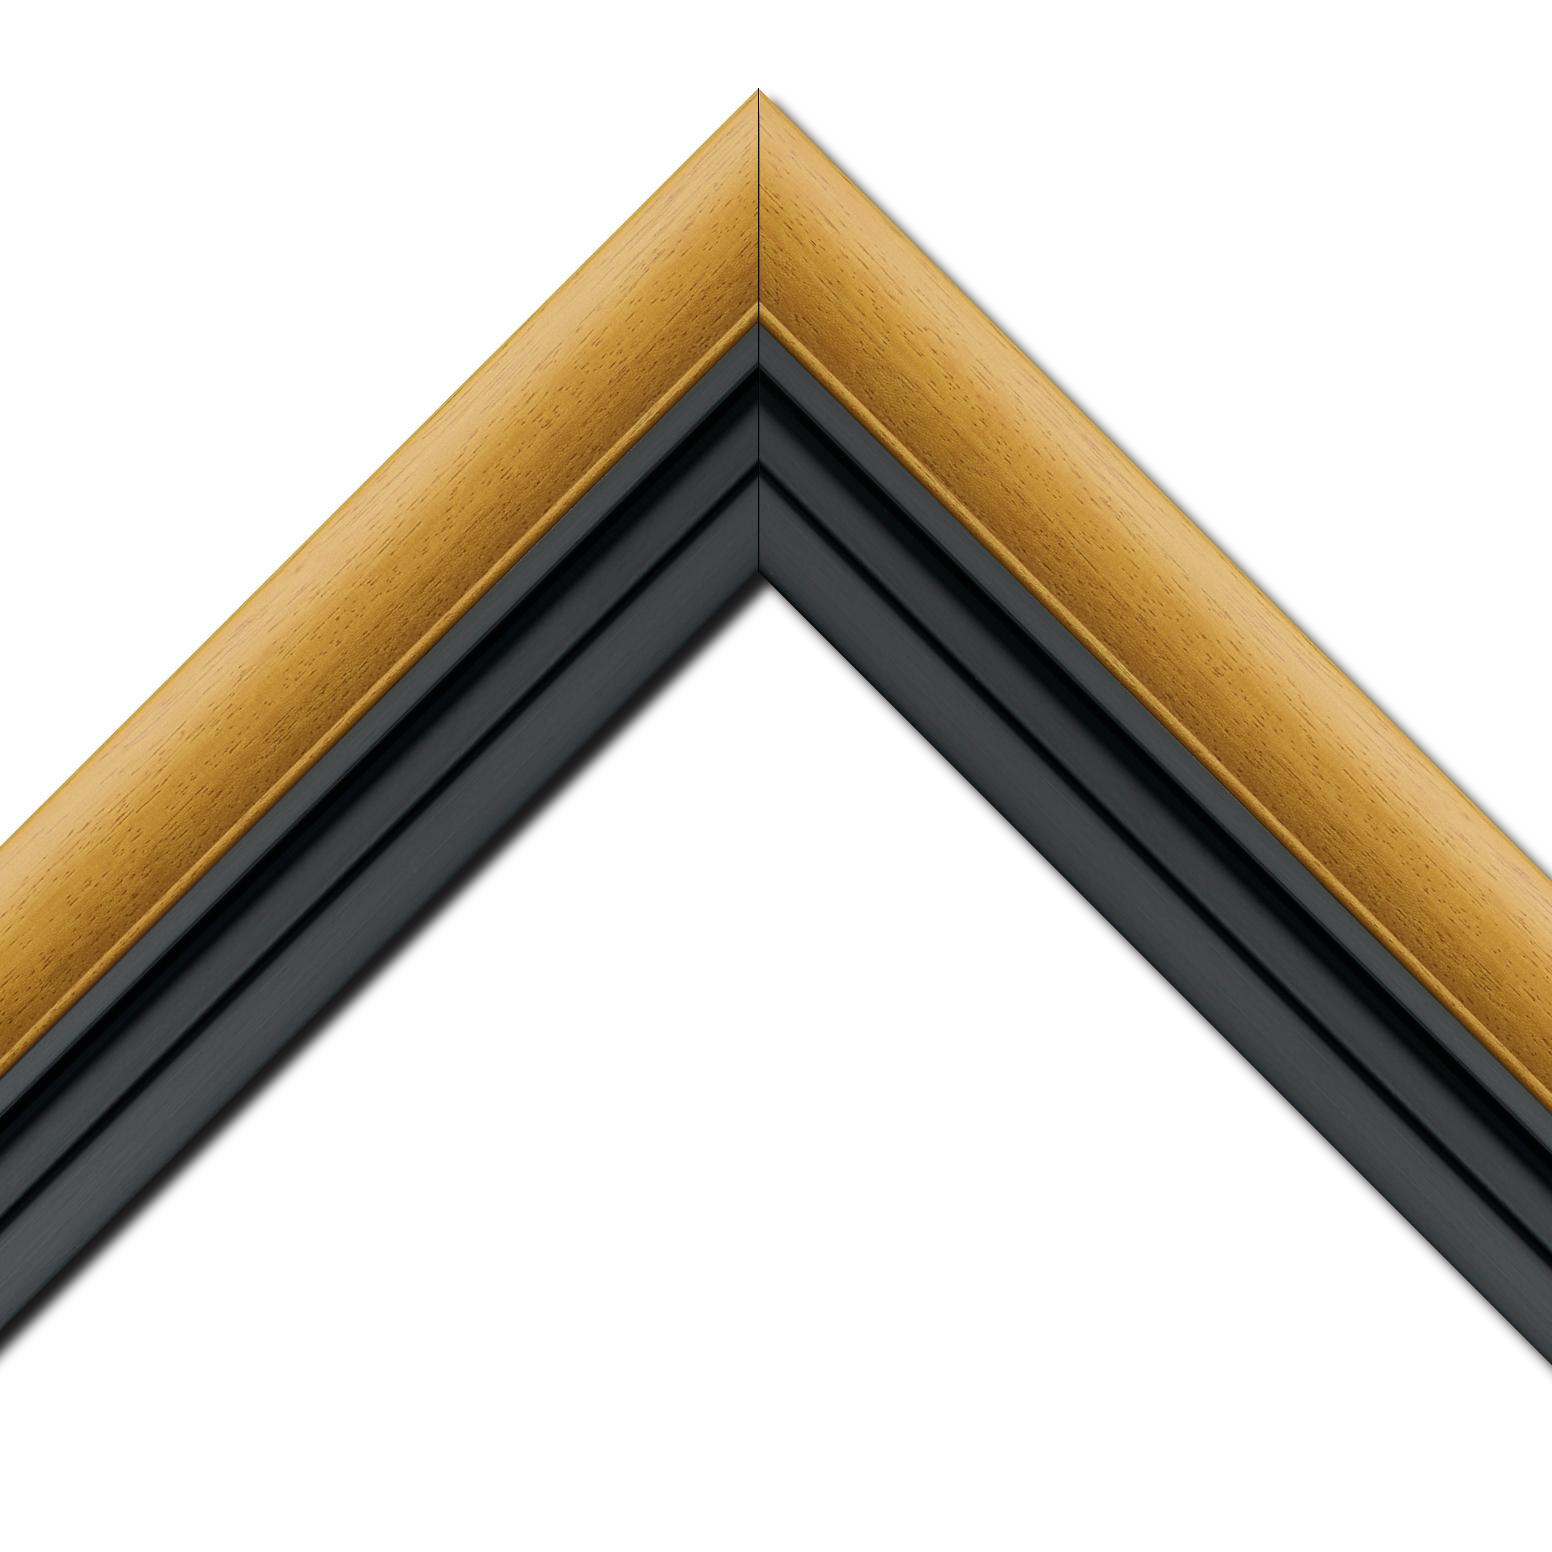 Baguette bois profil arrondi largeur 4.7cm couleur jaune tournesol satiné rehaussé d'un filet noir + bois caisse américaine profil escalier largeur 4.4cm noir mat   (spécialement conçu pour les châssis d'une épaisseur jusqu'à 2.5cm ) largeur total du cadre : 8.3cm